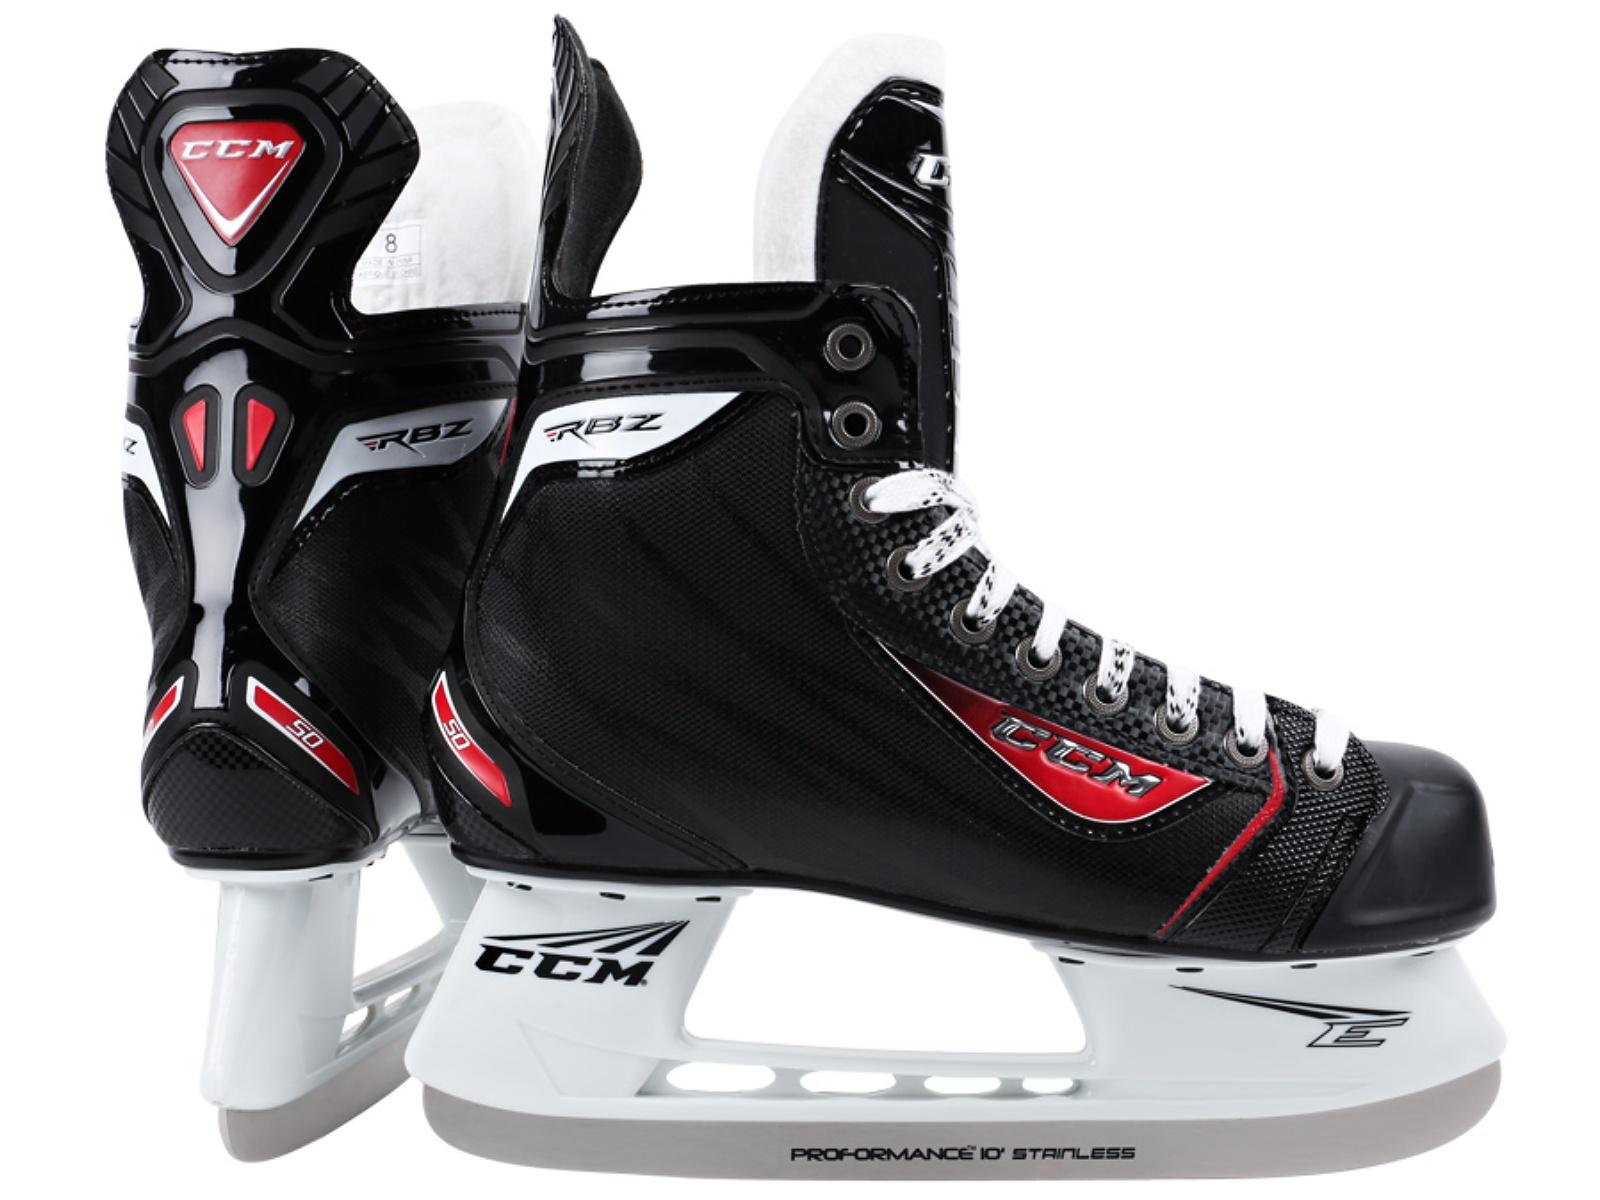 Hokejové brusle CCM RBZ 50 junior - vel. 36